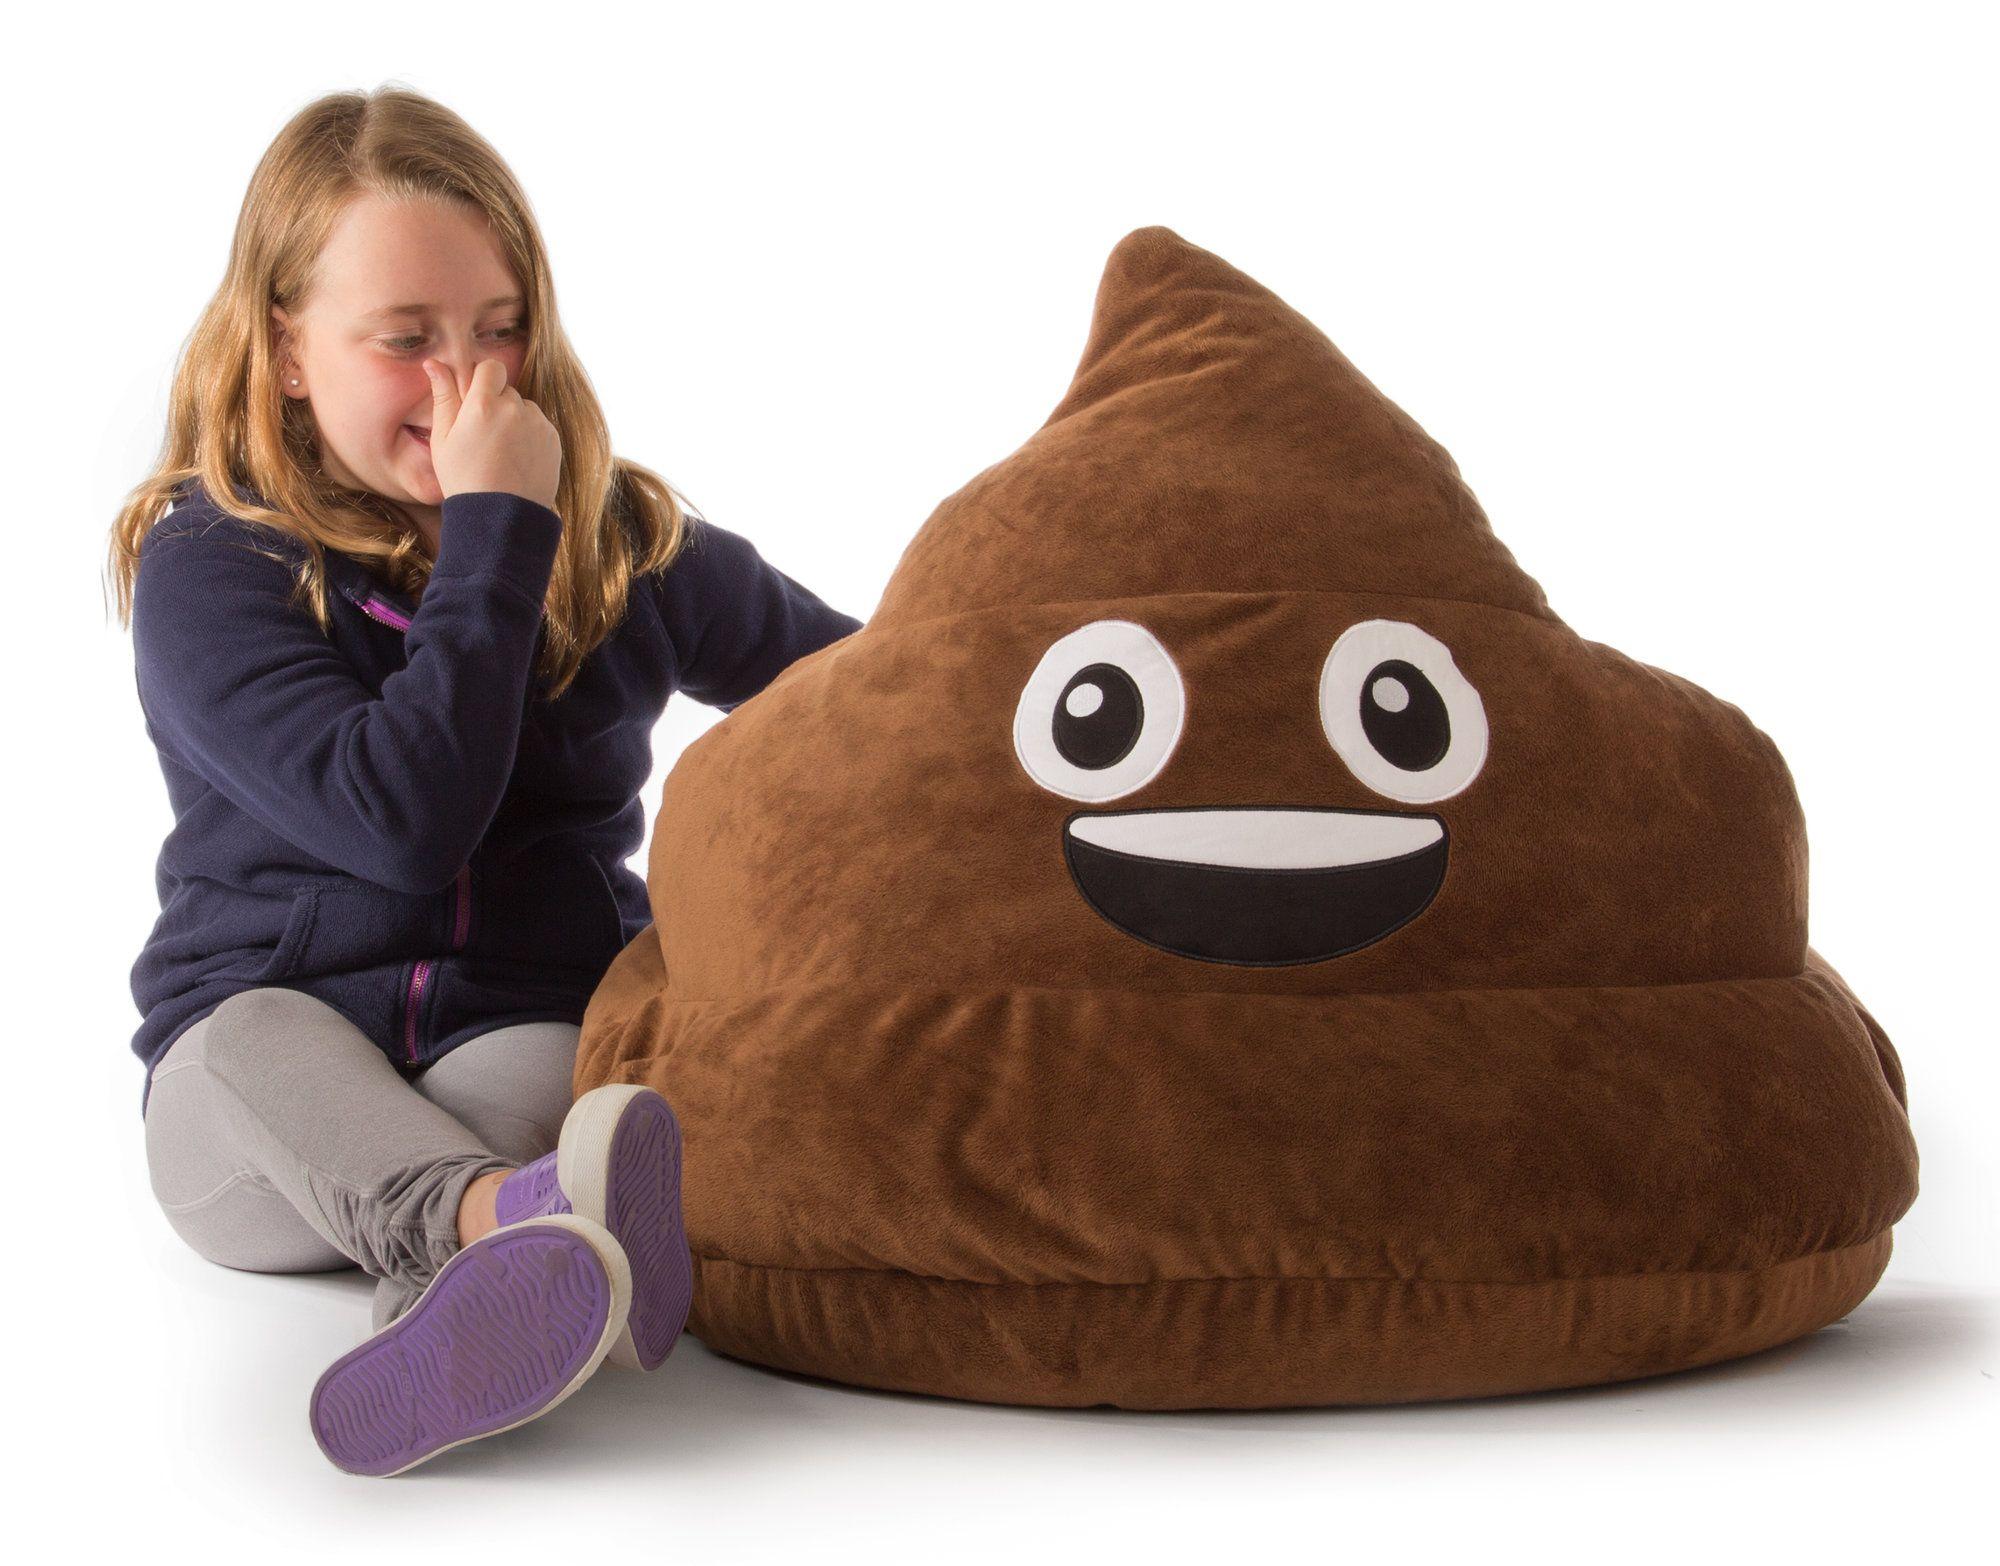 Gomoji Emoji Poo Bean Bag Chair Bean Bag Chair Emoji Bean Bag Childrens Bean Bags